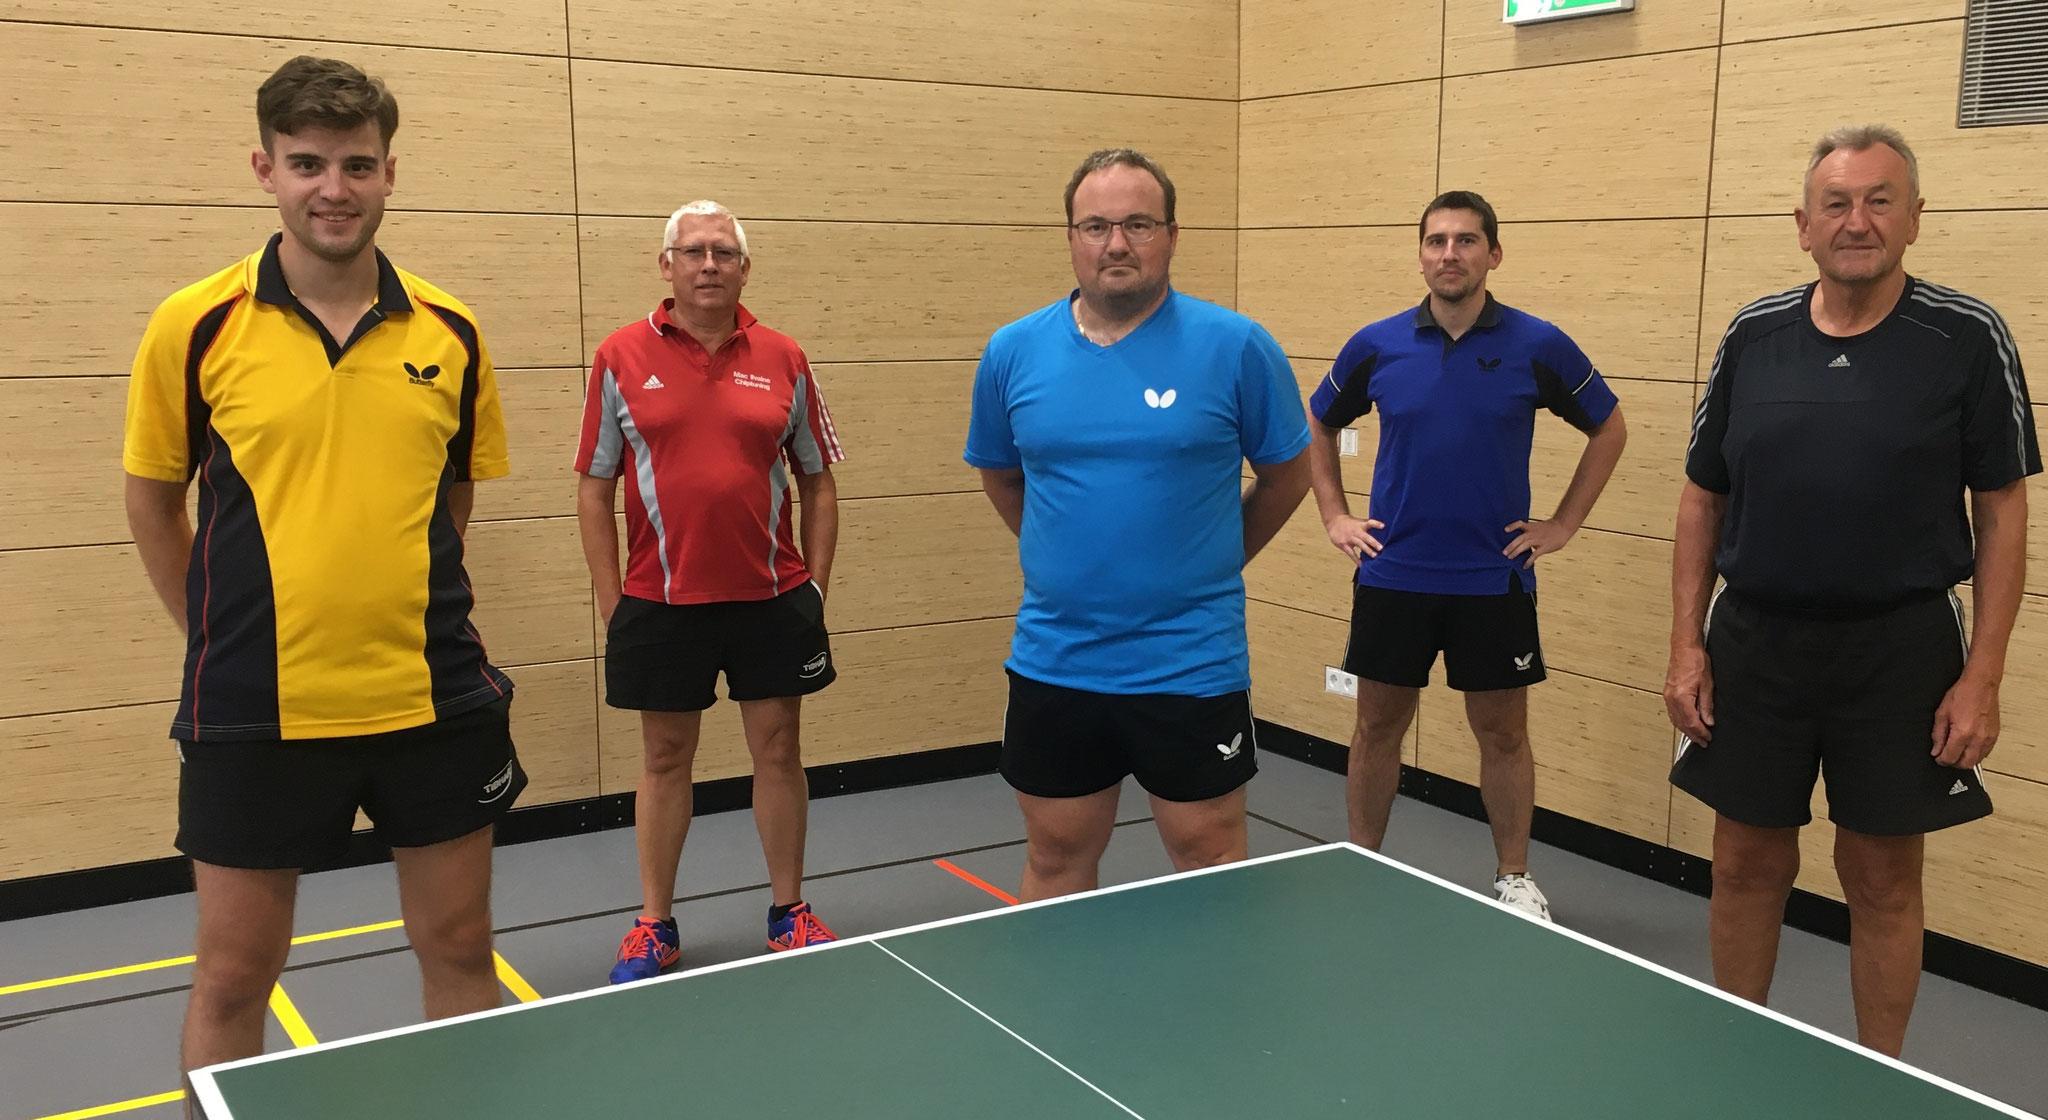 Die Sieger der Herren A, B und C v. l. Manuel Völke, Kai Mac Ilvaine, Jürgen Damböck, Christoph Lichtenberger und Günter Hoch